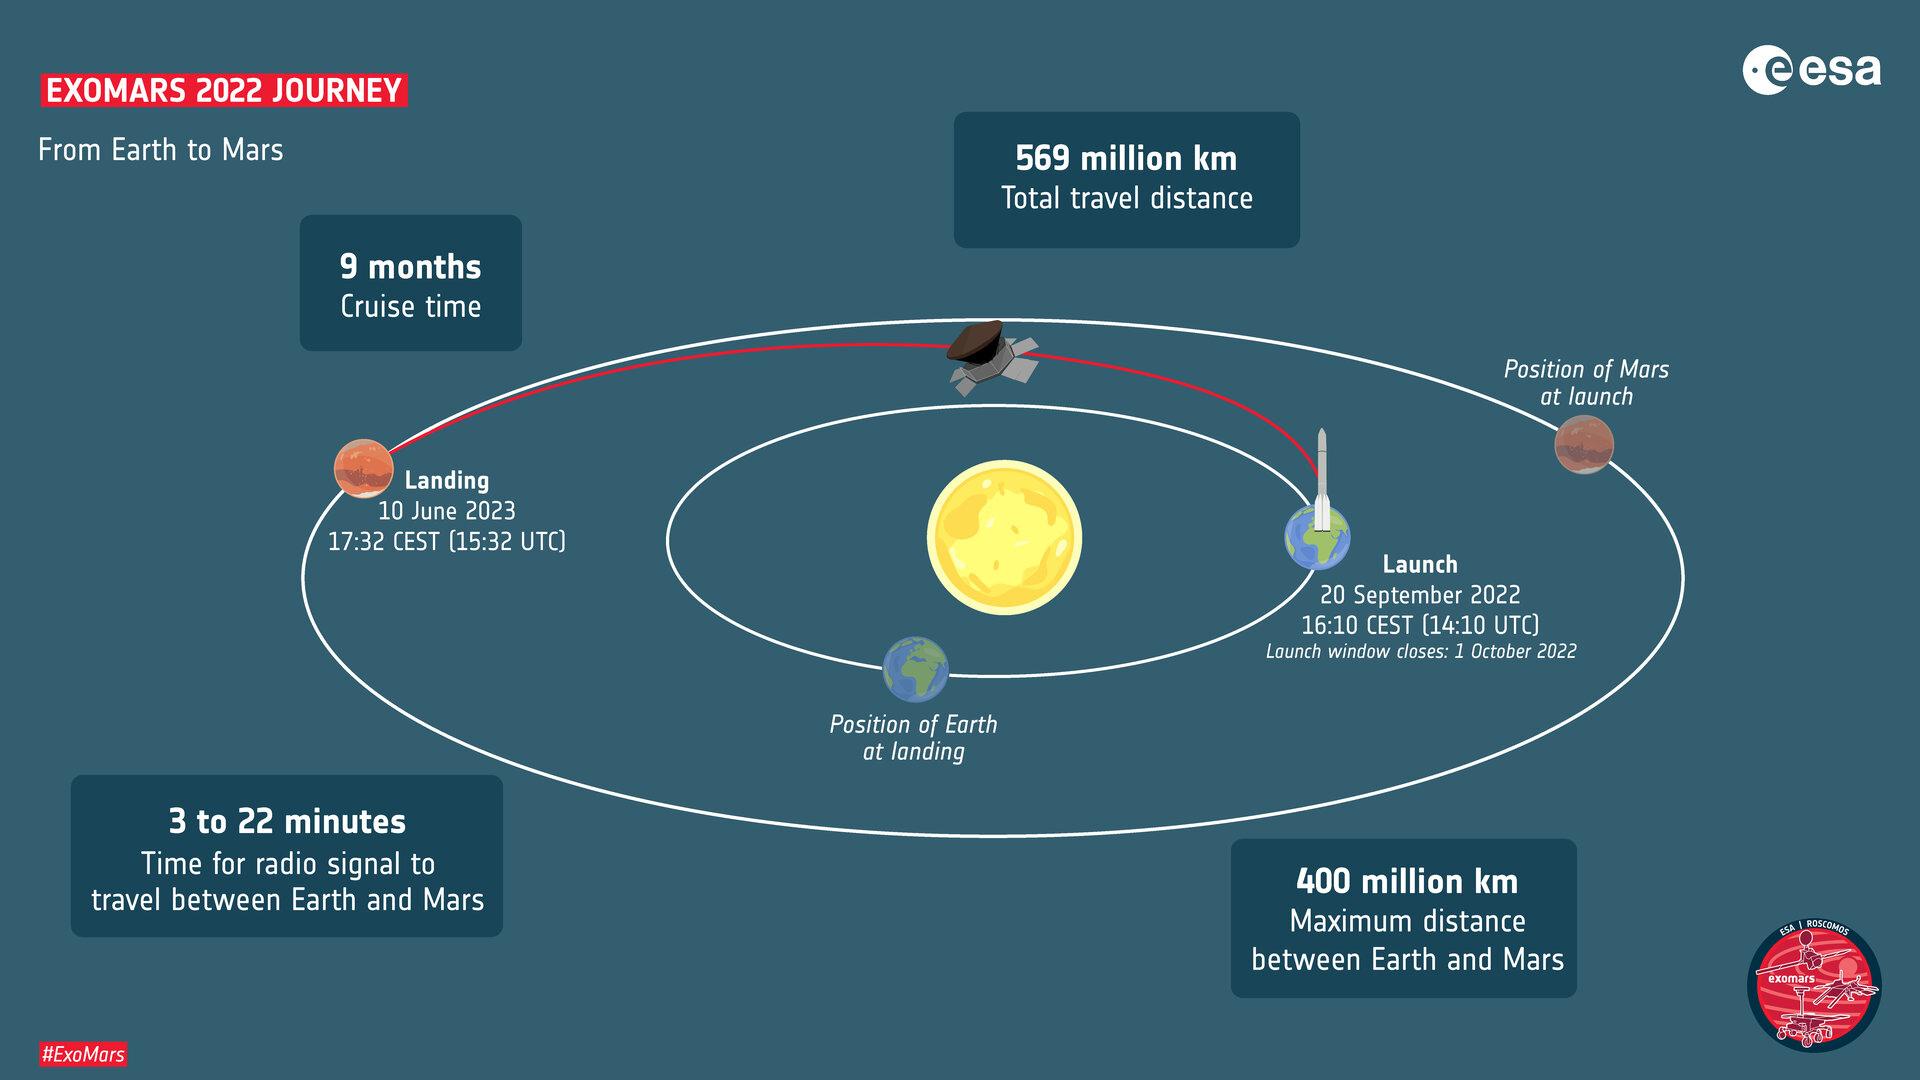 ExoMars_2022_journey_pillars.jpg.005ece21da440c735b69290ec92825b3.jpg